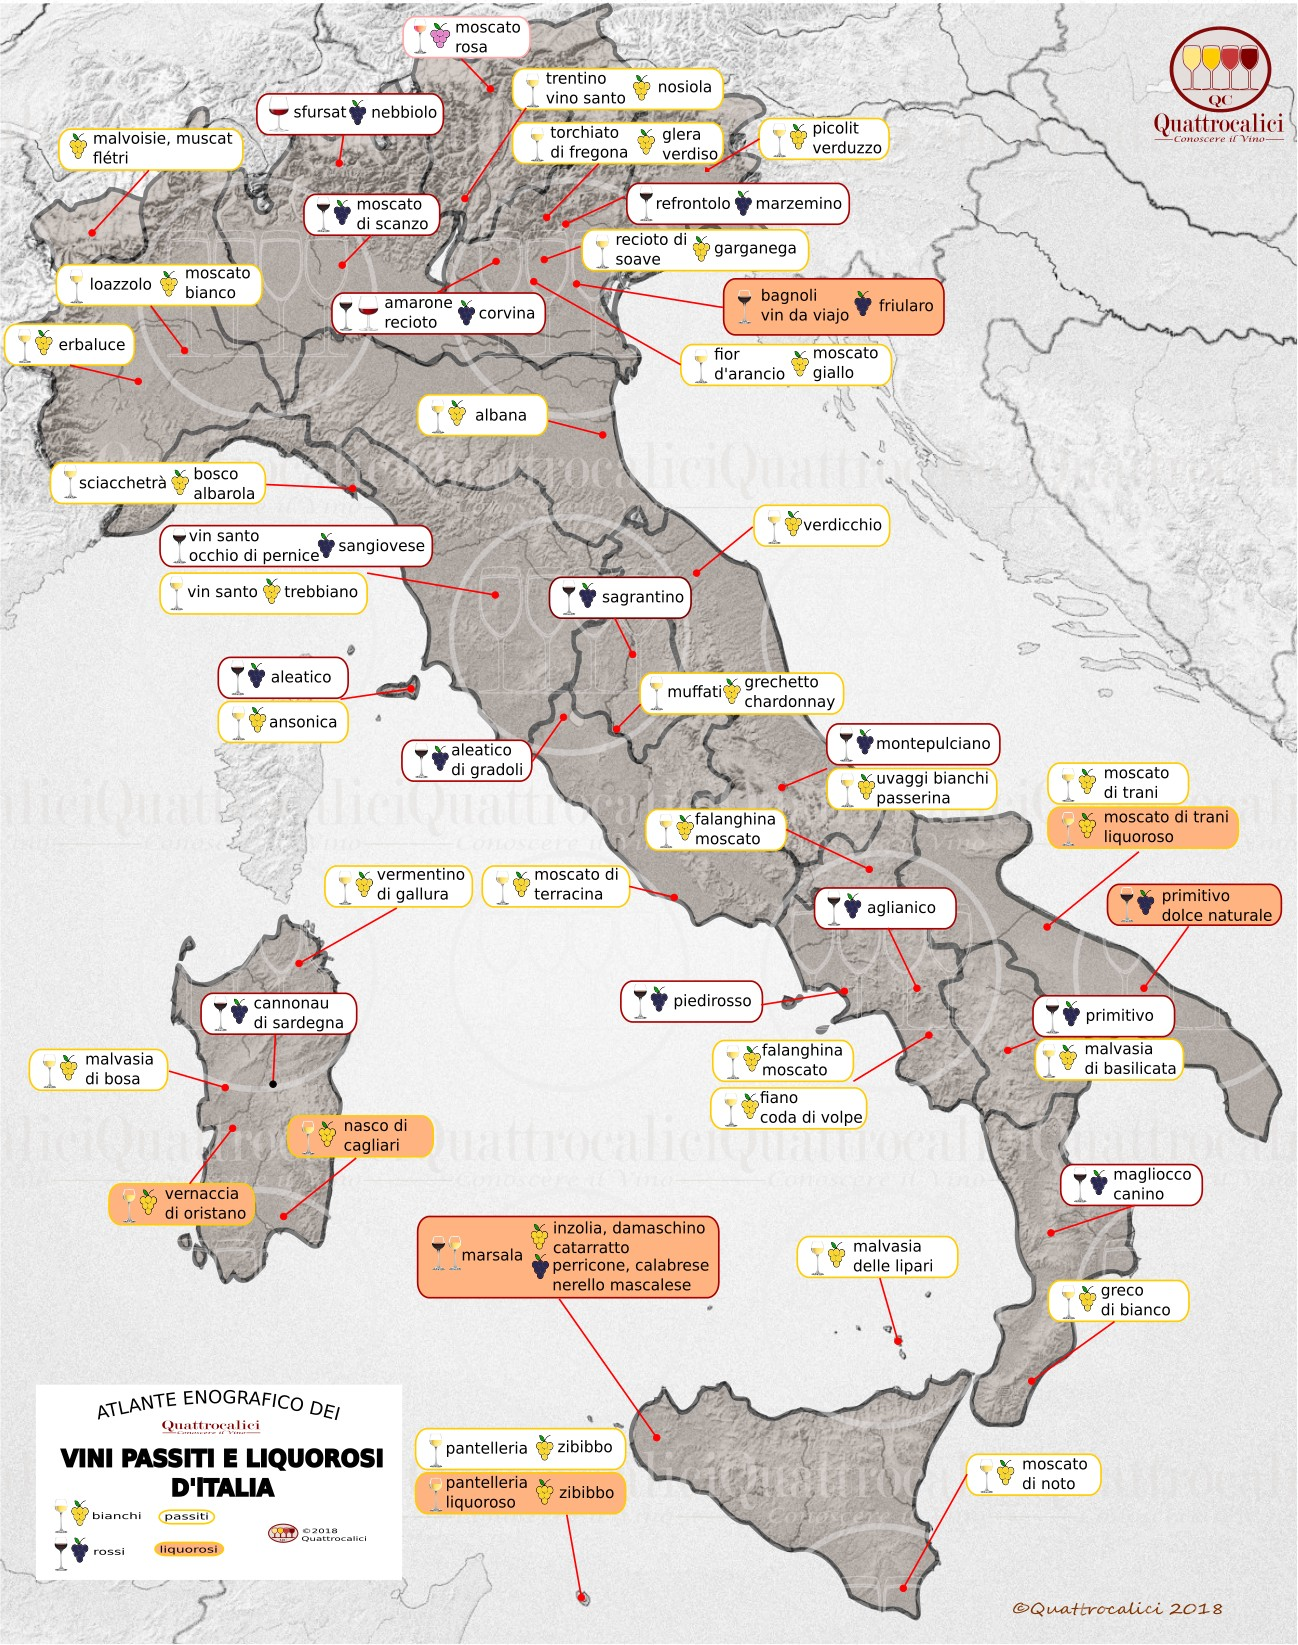 italia-vini-passiti